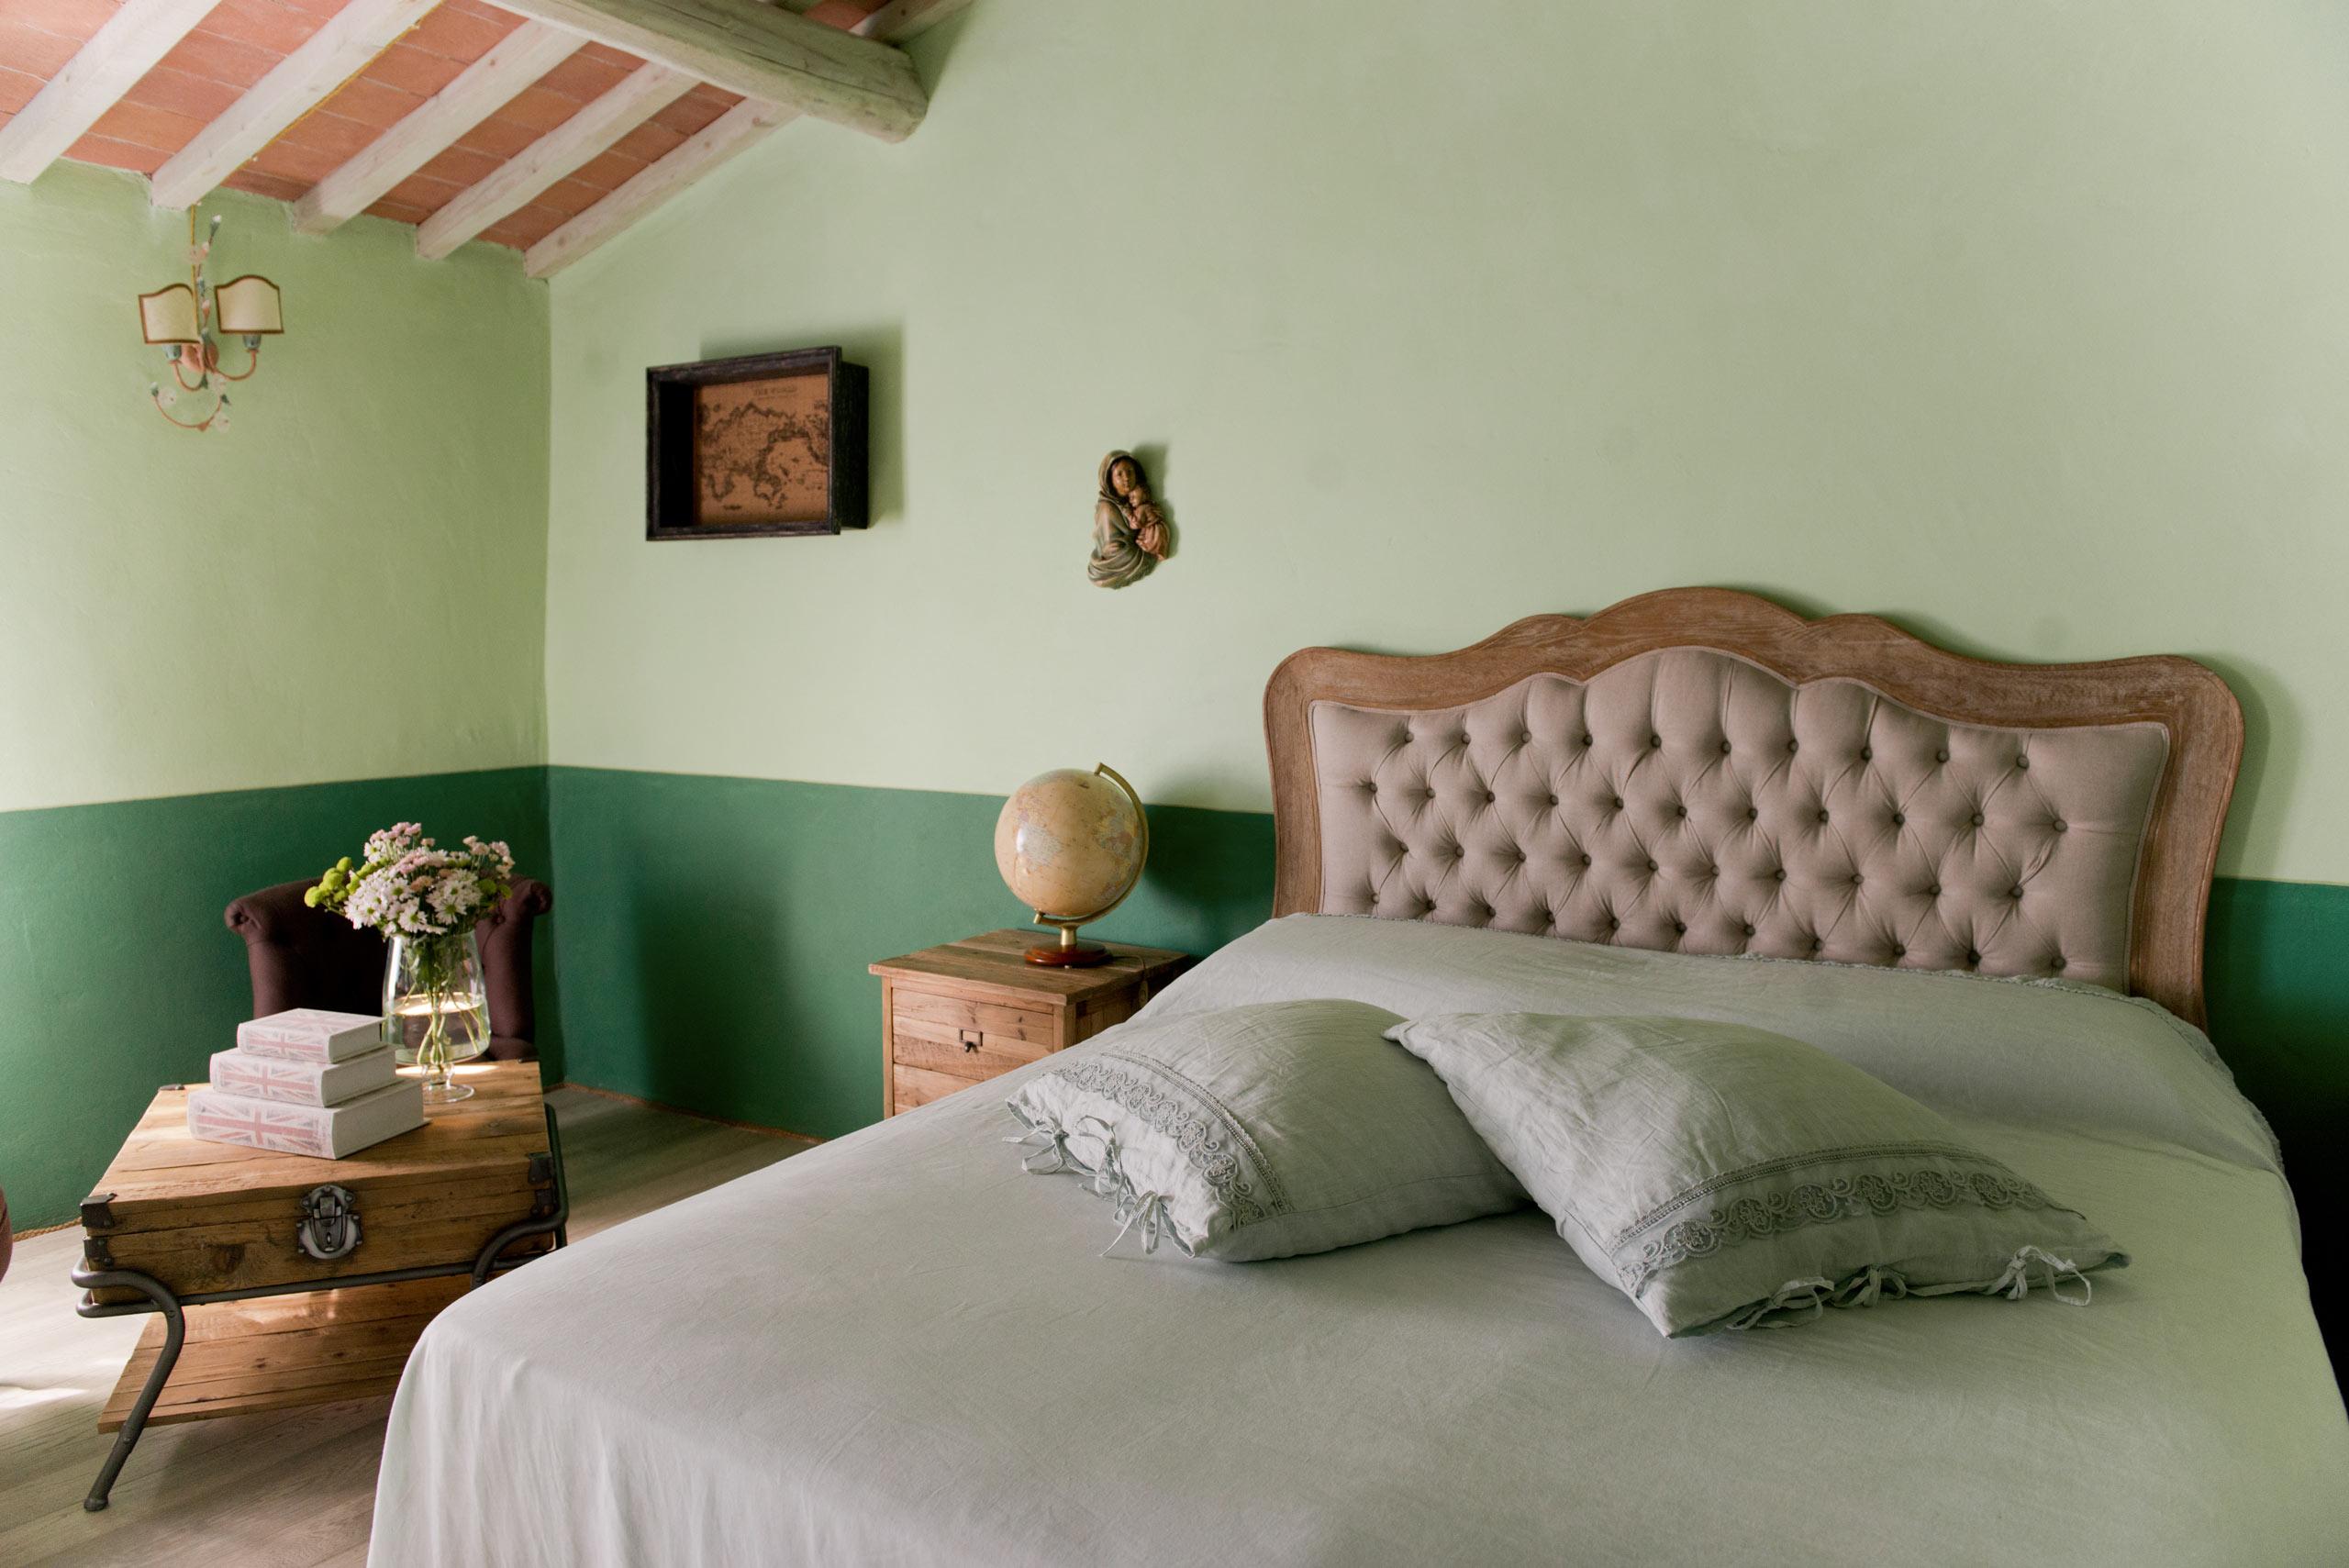 verde-natura-relais-lusso-toscana-mugello